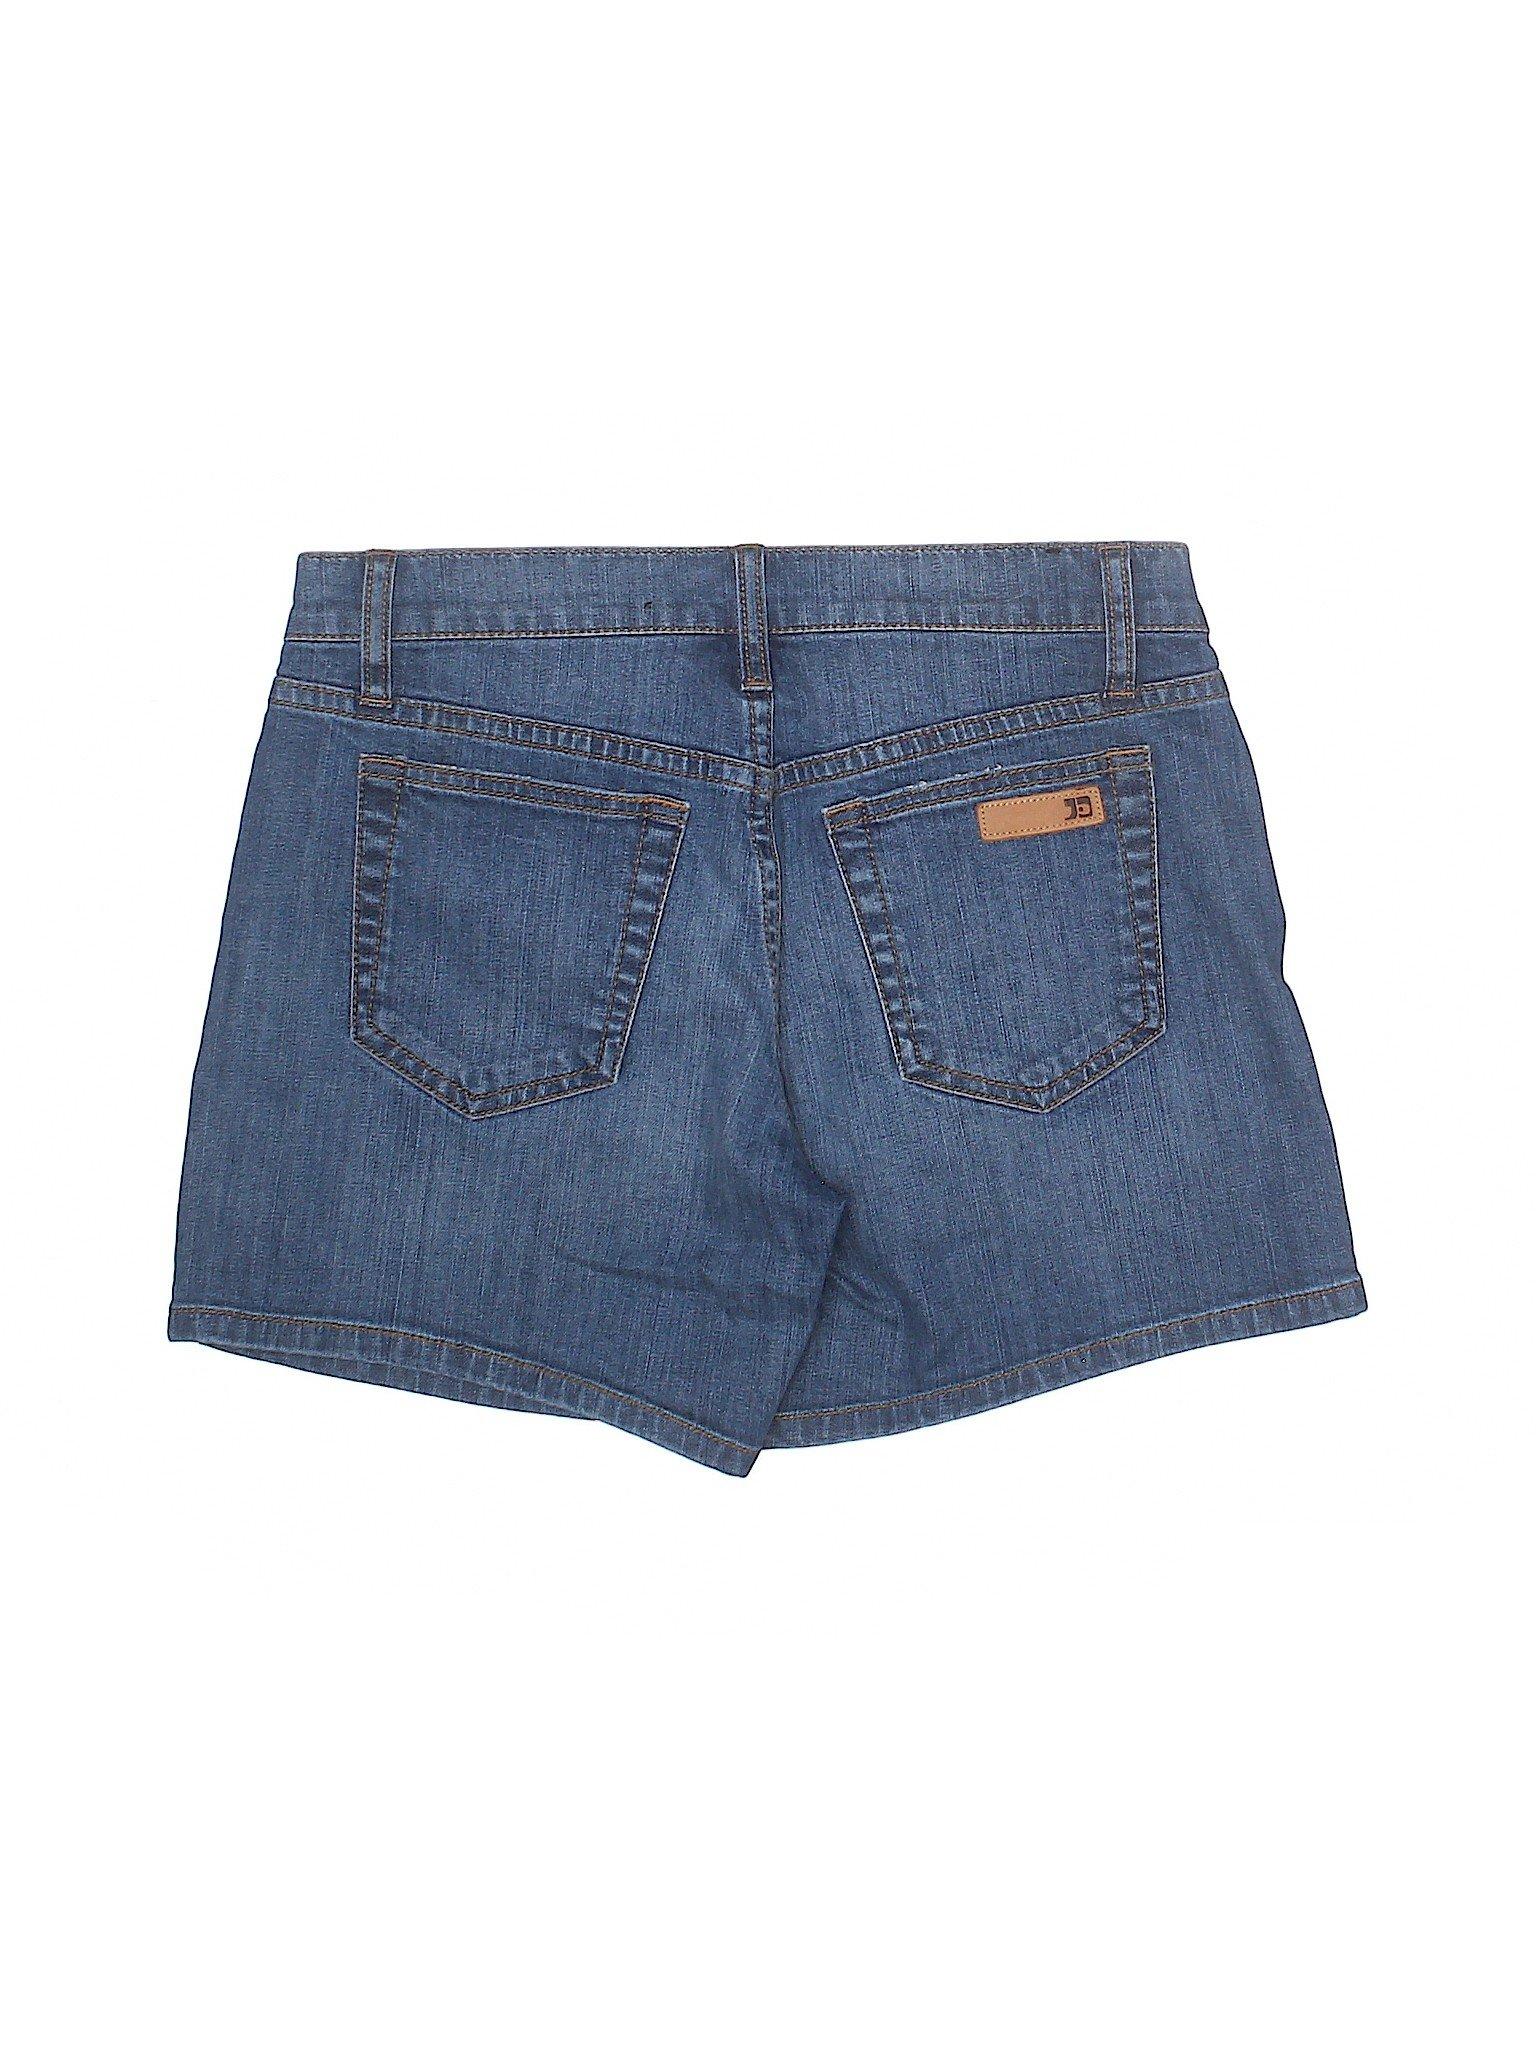 Jeans Boutique Denim Boutique Jeans Joe's Shorts Denim Shorts Joe's dqfdC57